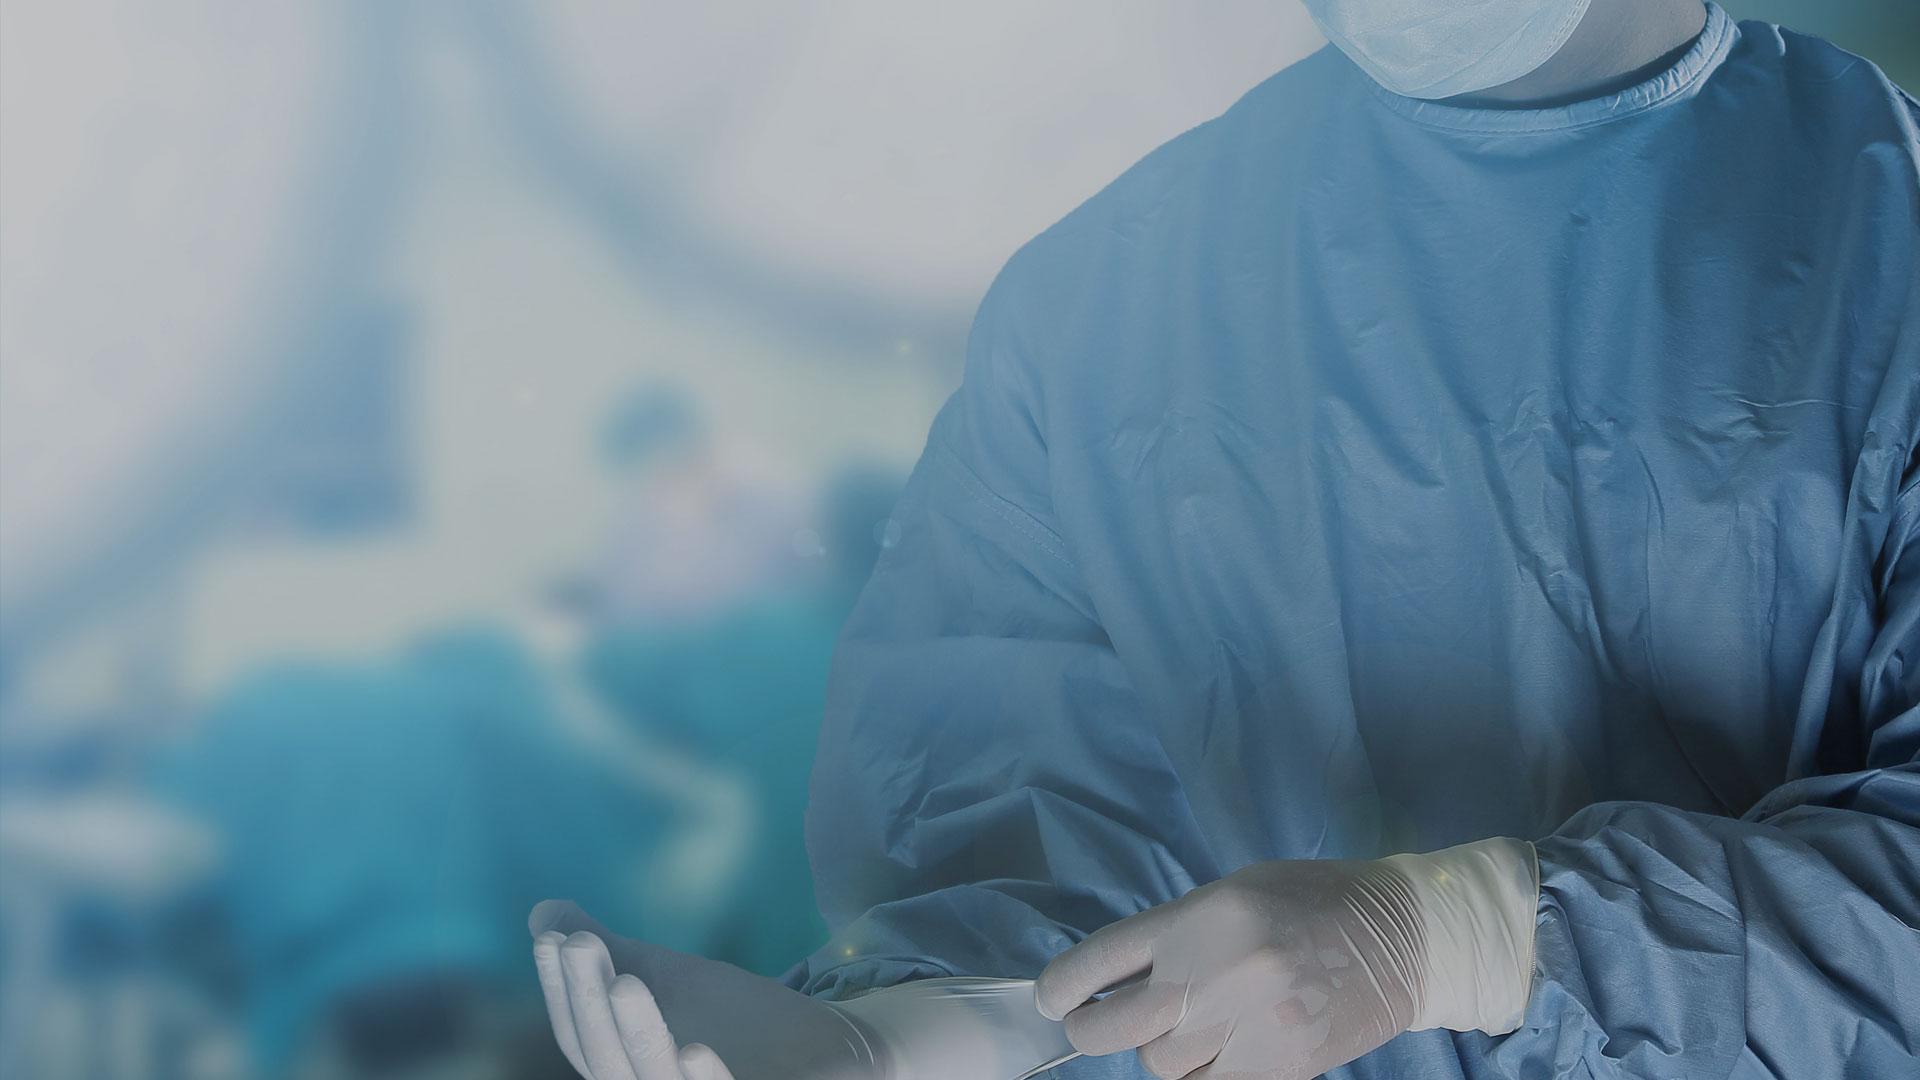 Cirurgia Plástica: desconfie de propagandas ostensivas